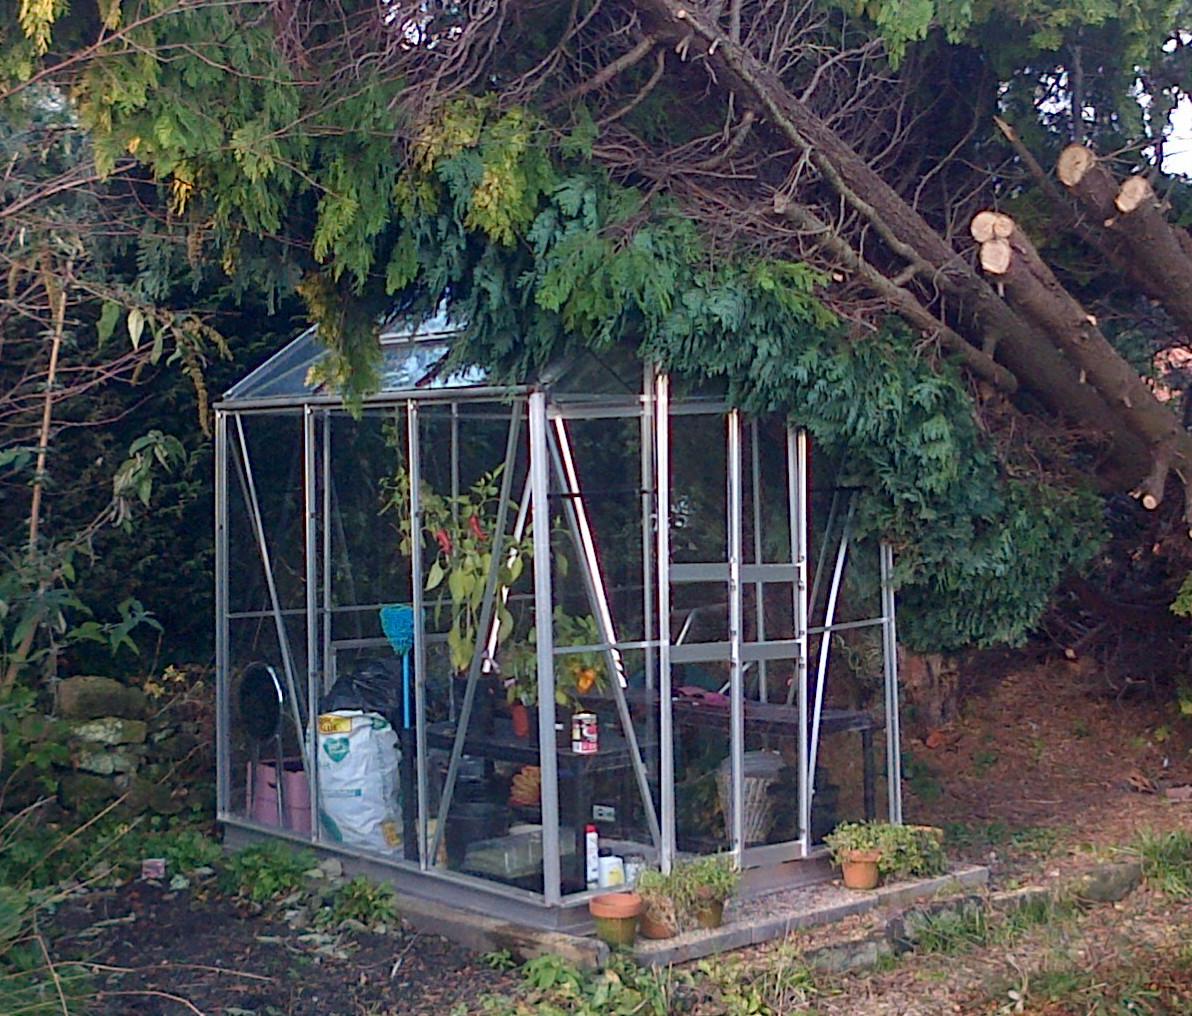 V1_Tree_Damage228-01-2019-10-17-04.jpg